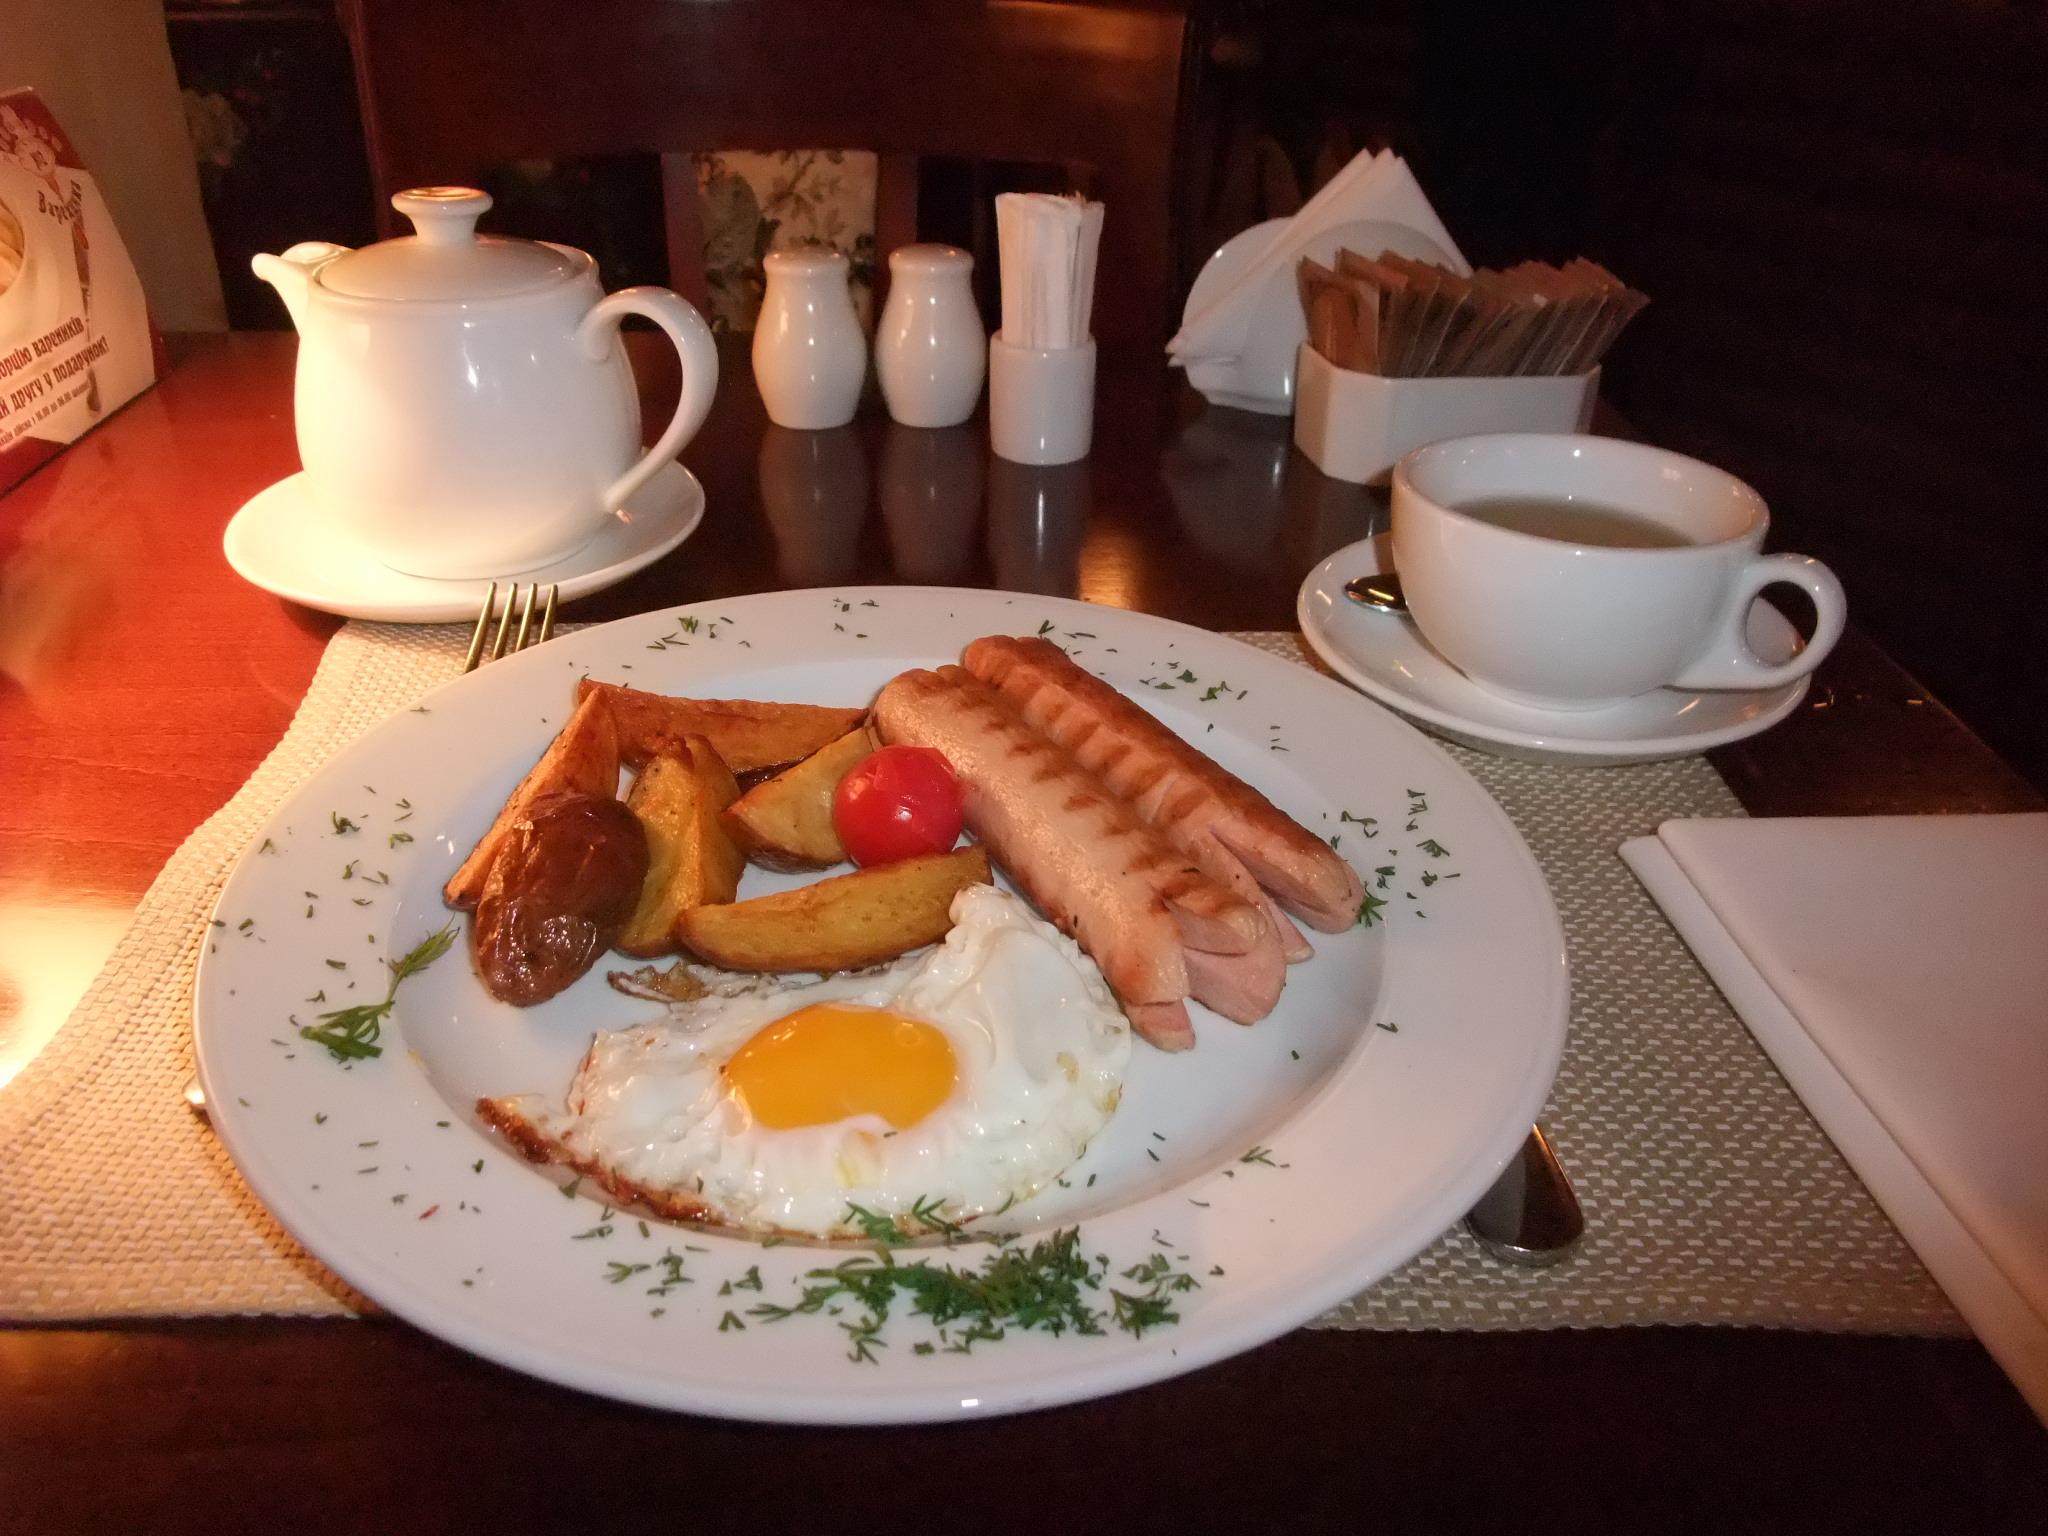 Speilegg, pølser og poteter på en restaurant i Kiev